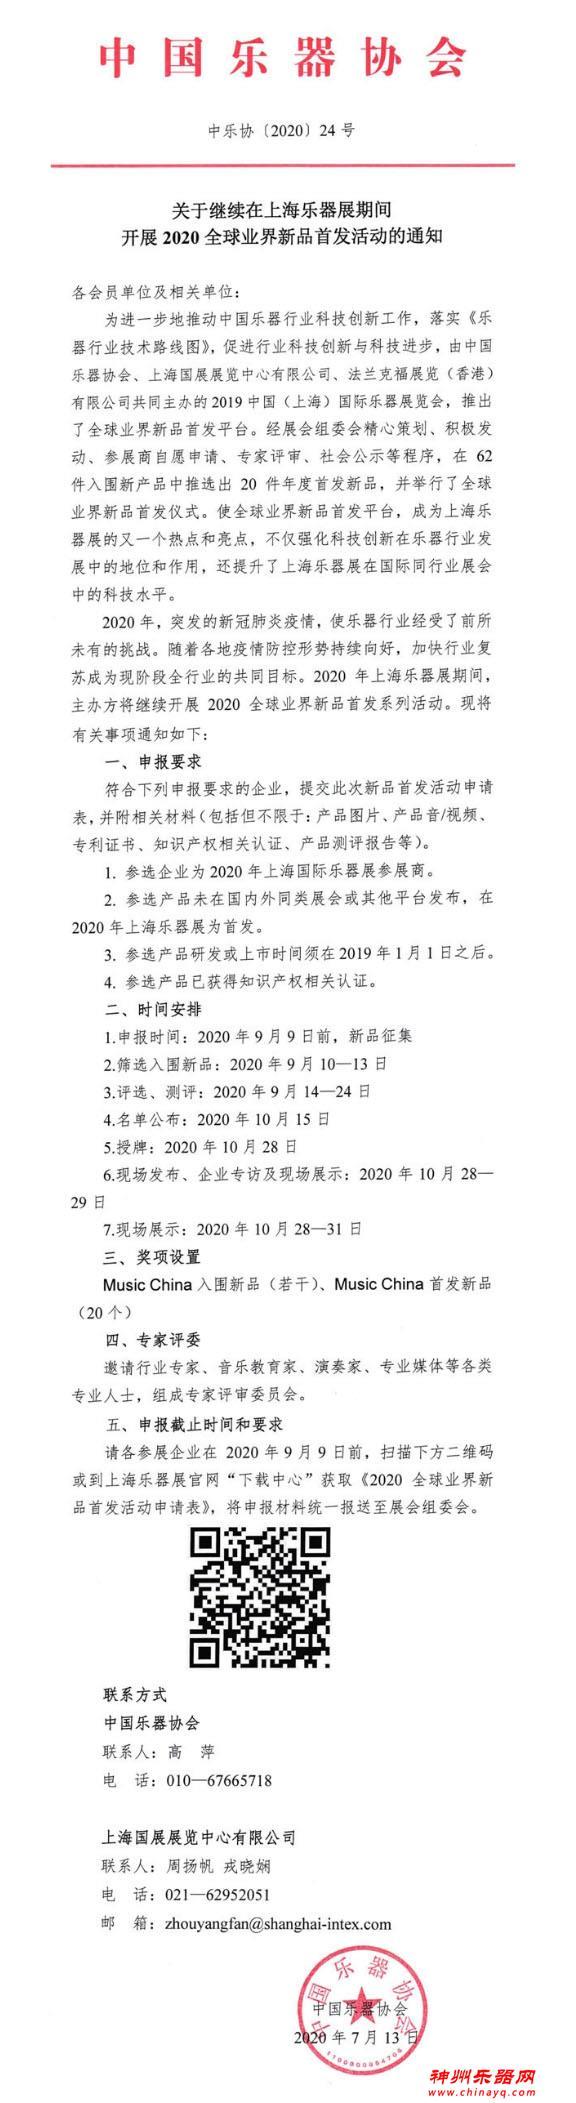 关于继续在上海乐器展期间开展2020全球业界新品首发活动的通知